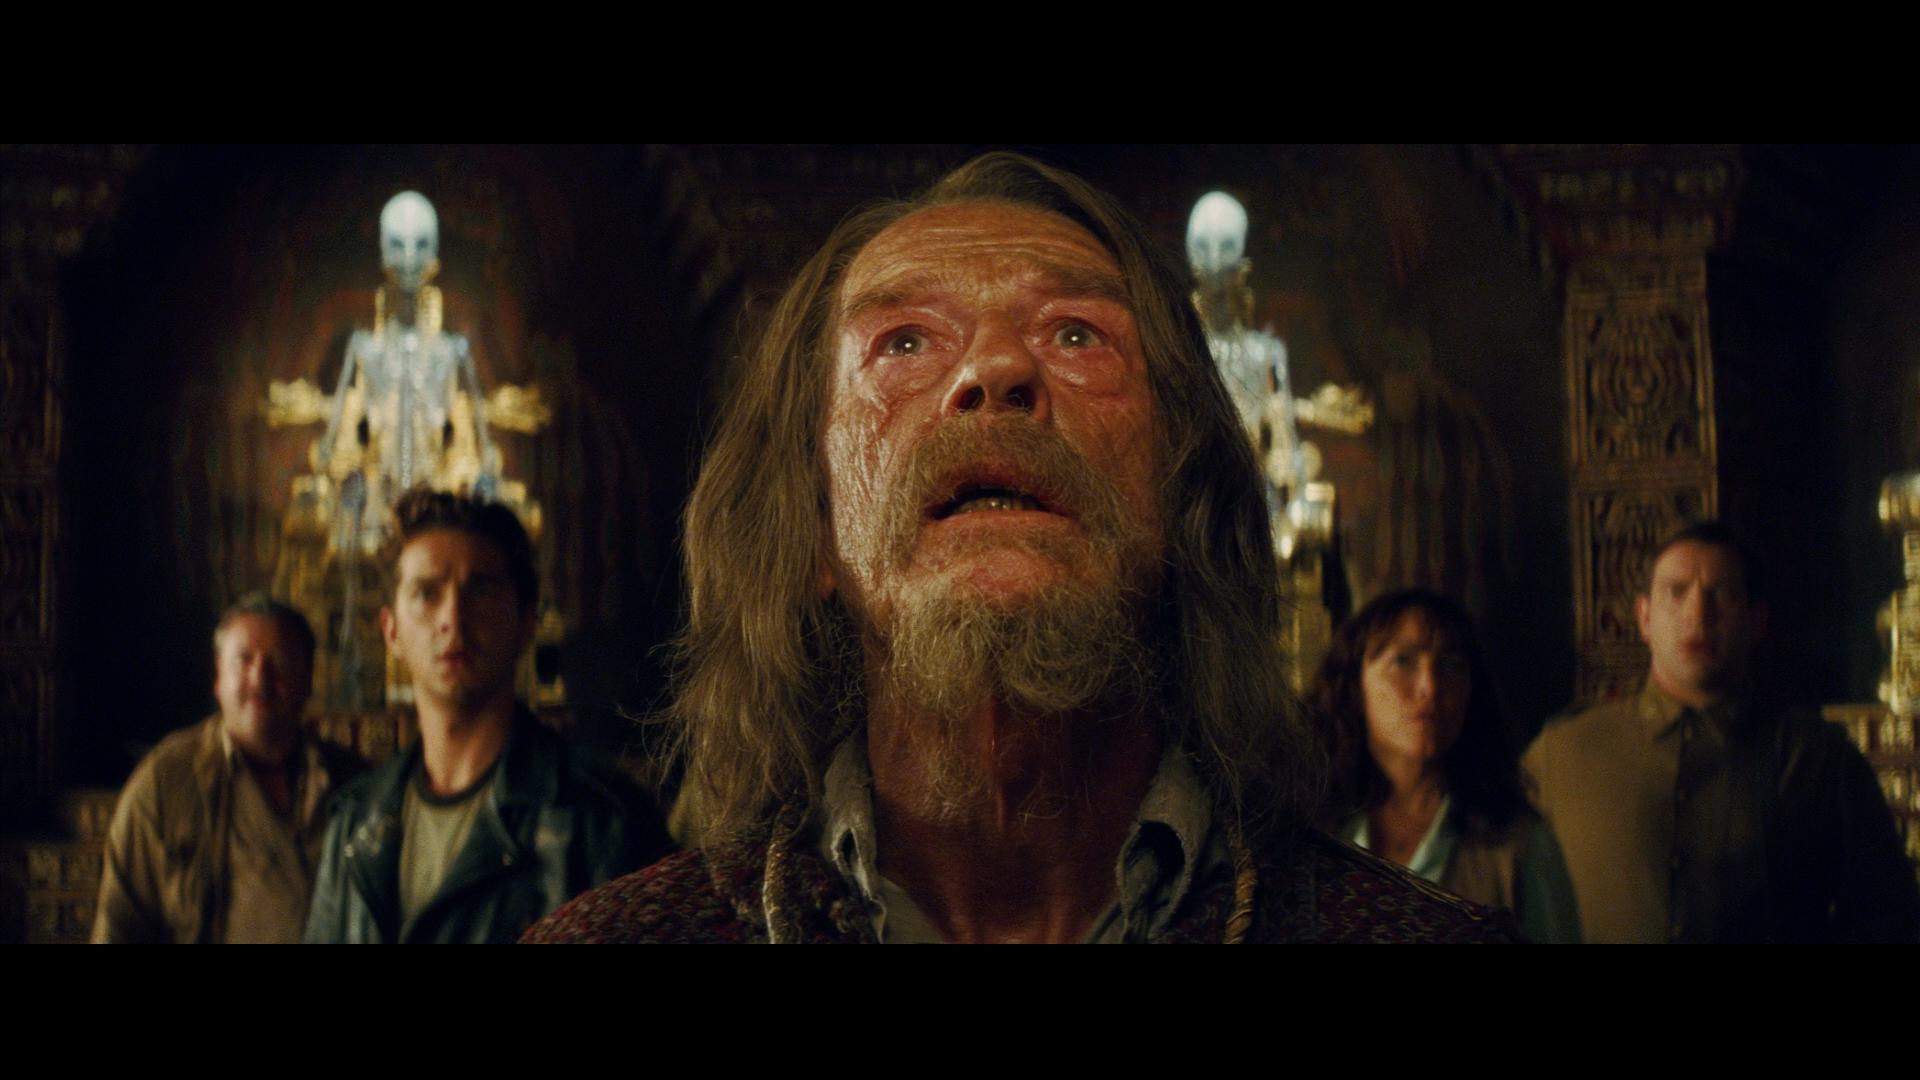 Фильм Стивена Спилберга и Джорджа Лукаса, четвертая часть цикла об археологе Индиане Джонсе. 10. «Ме